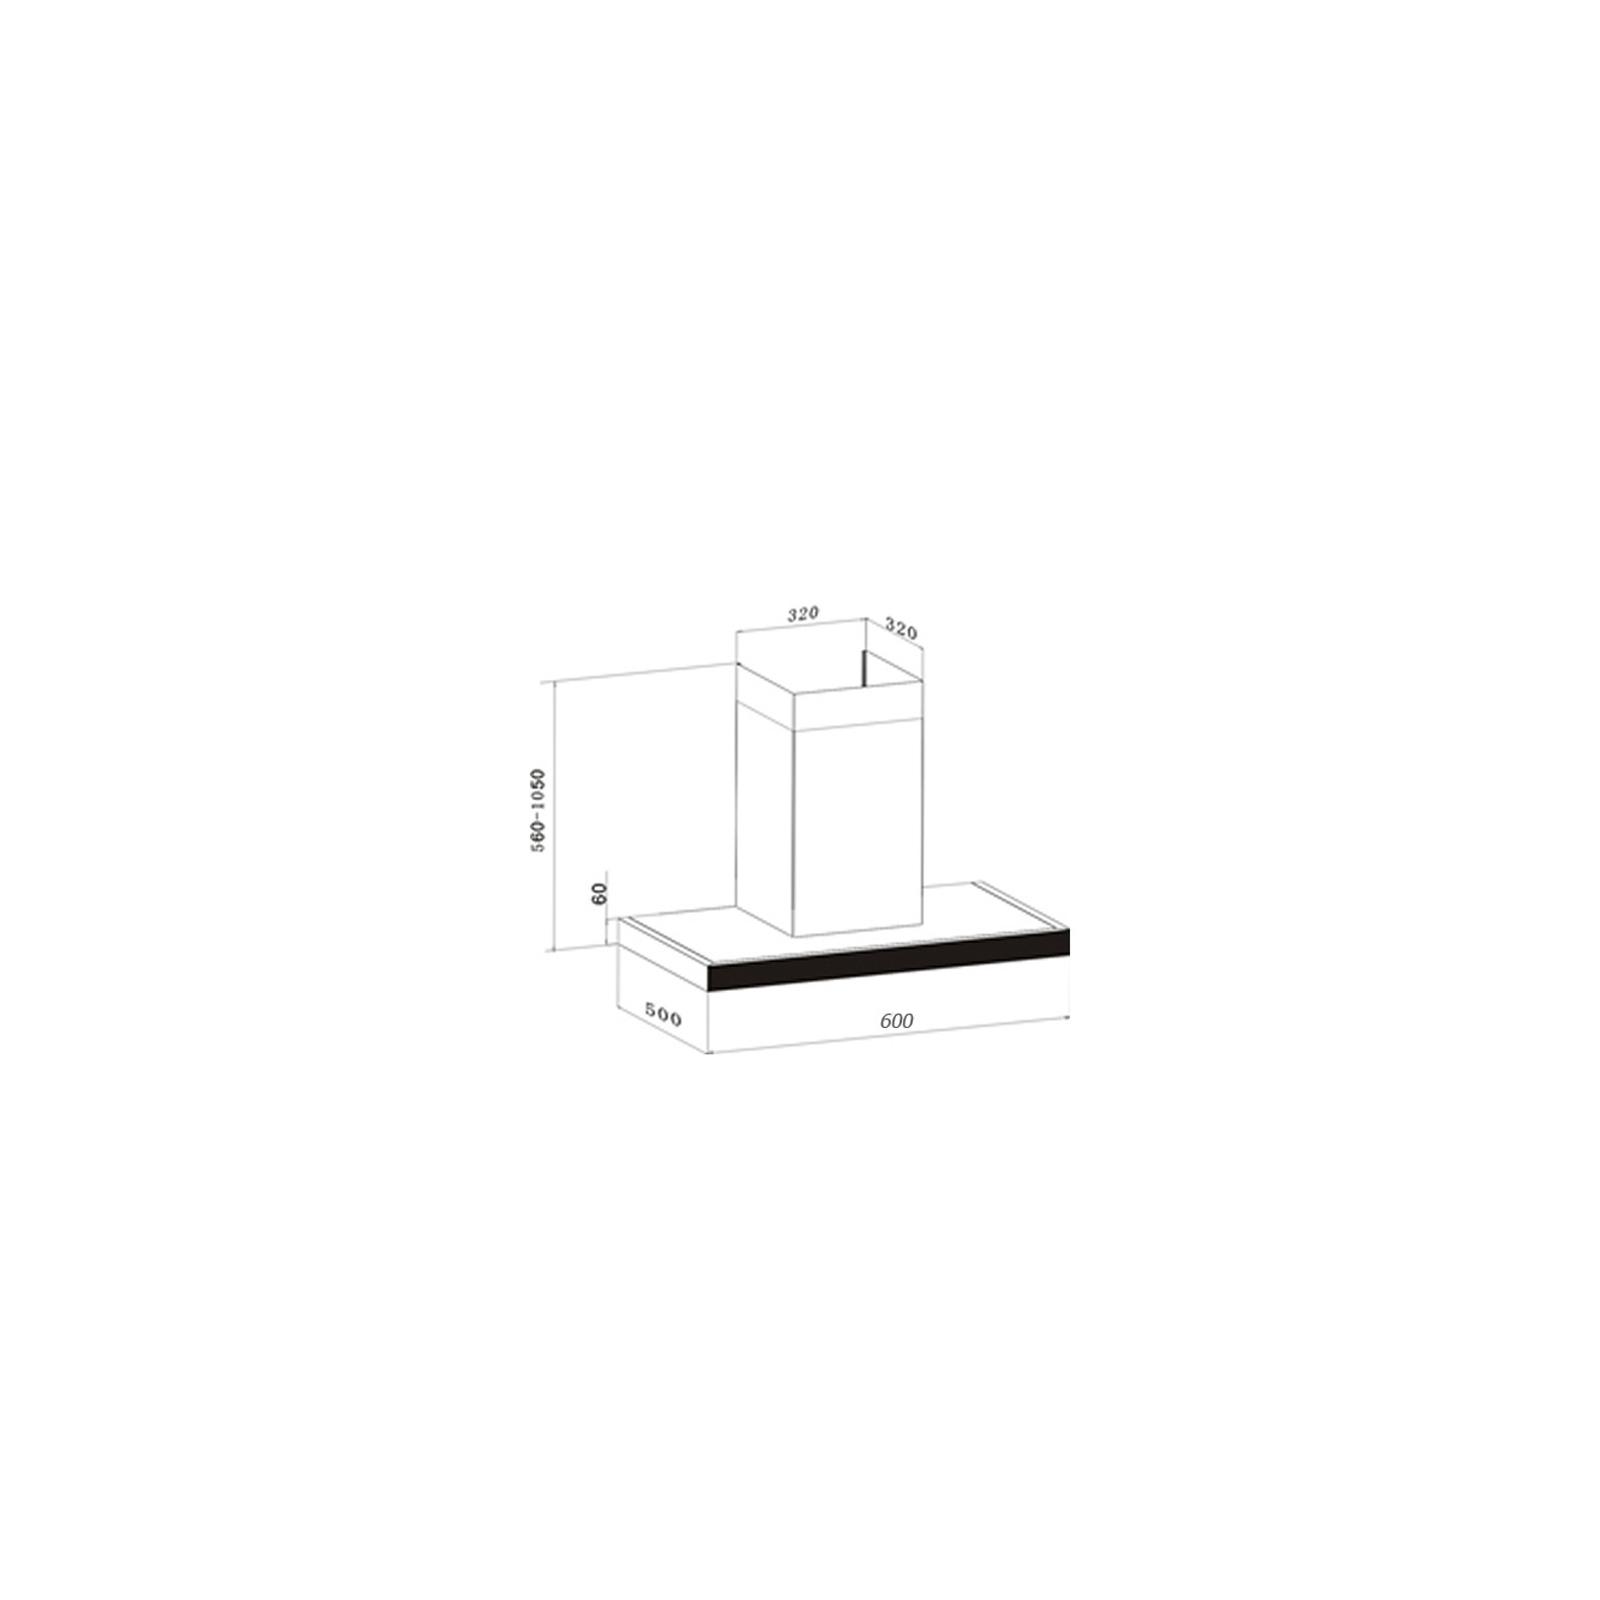 Вытяжка кухонная Interline COLLIDER X/V/W 60 E.S. изображение 7